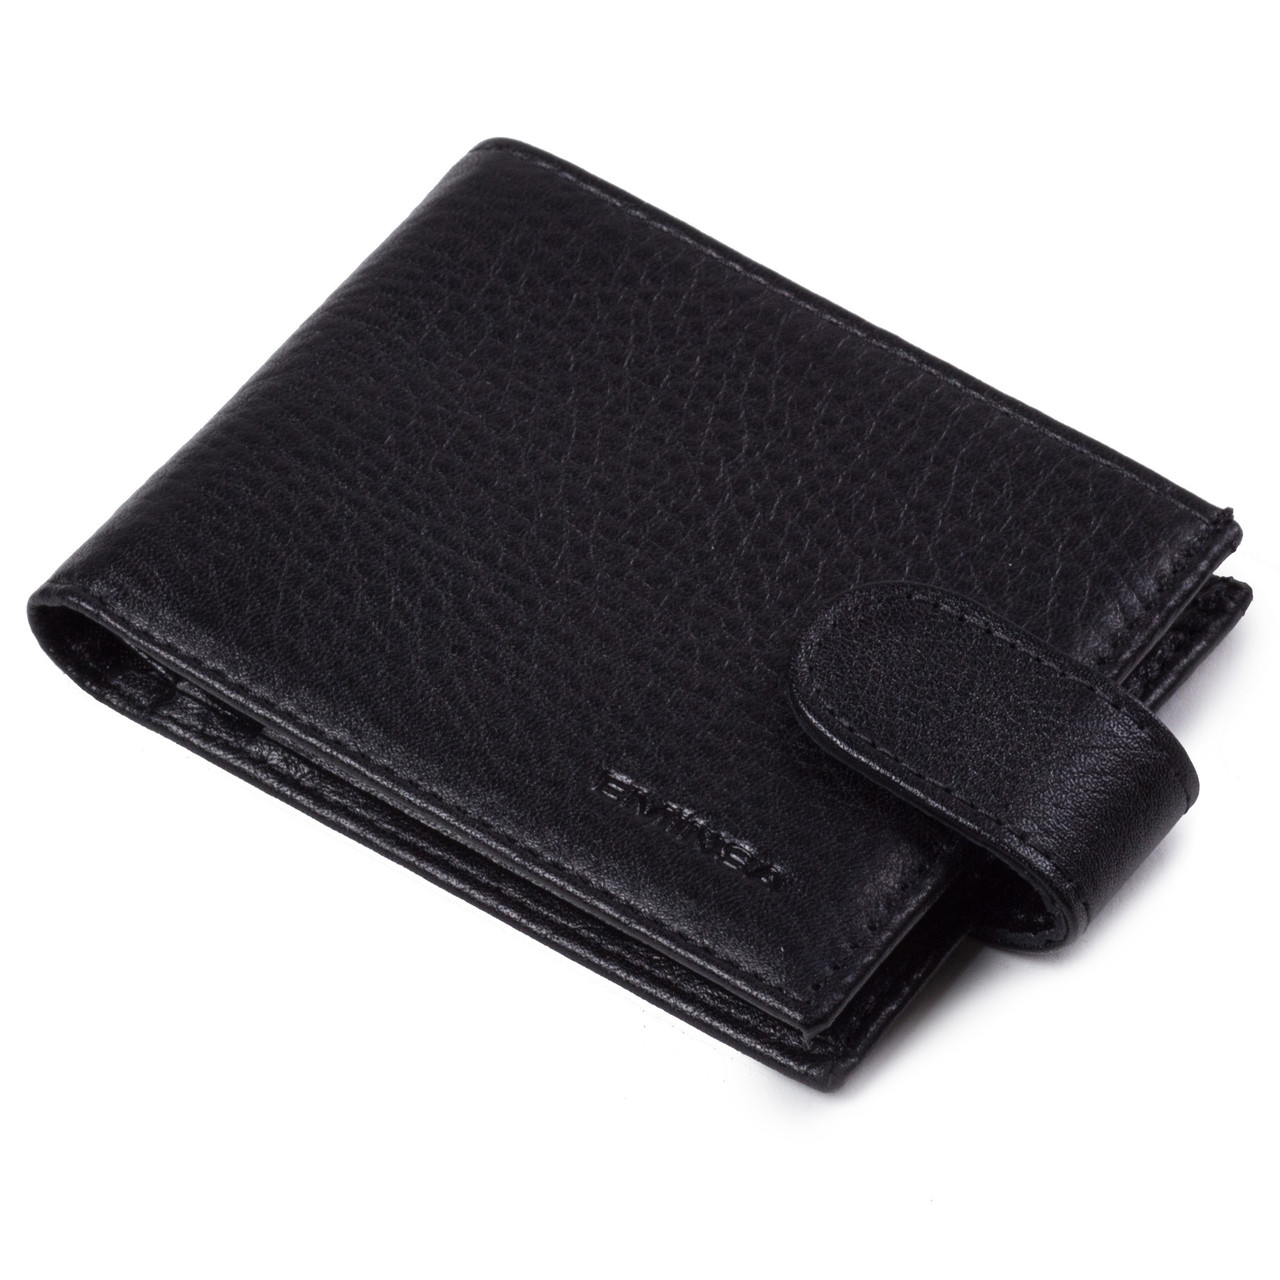 Кредитница с отделением для купюр Eminsa 1516-12-1 кожаная черная